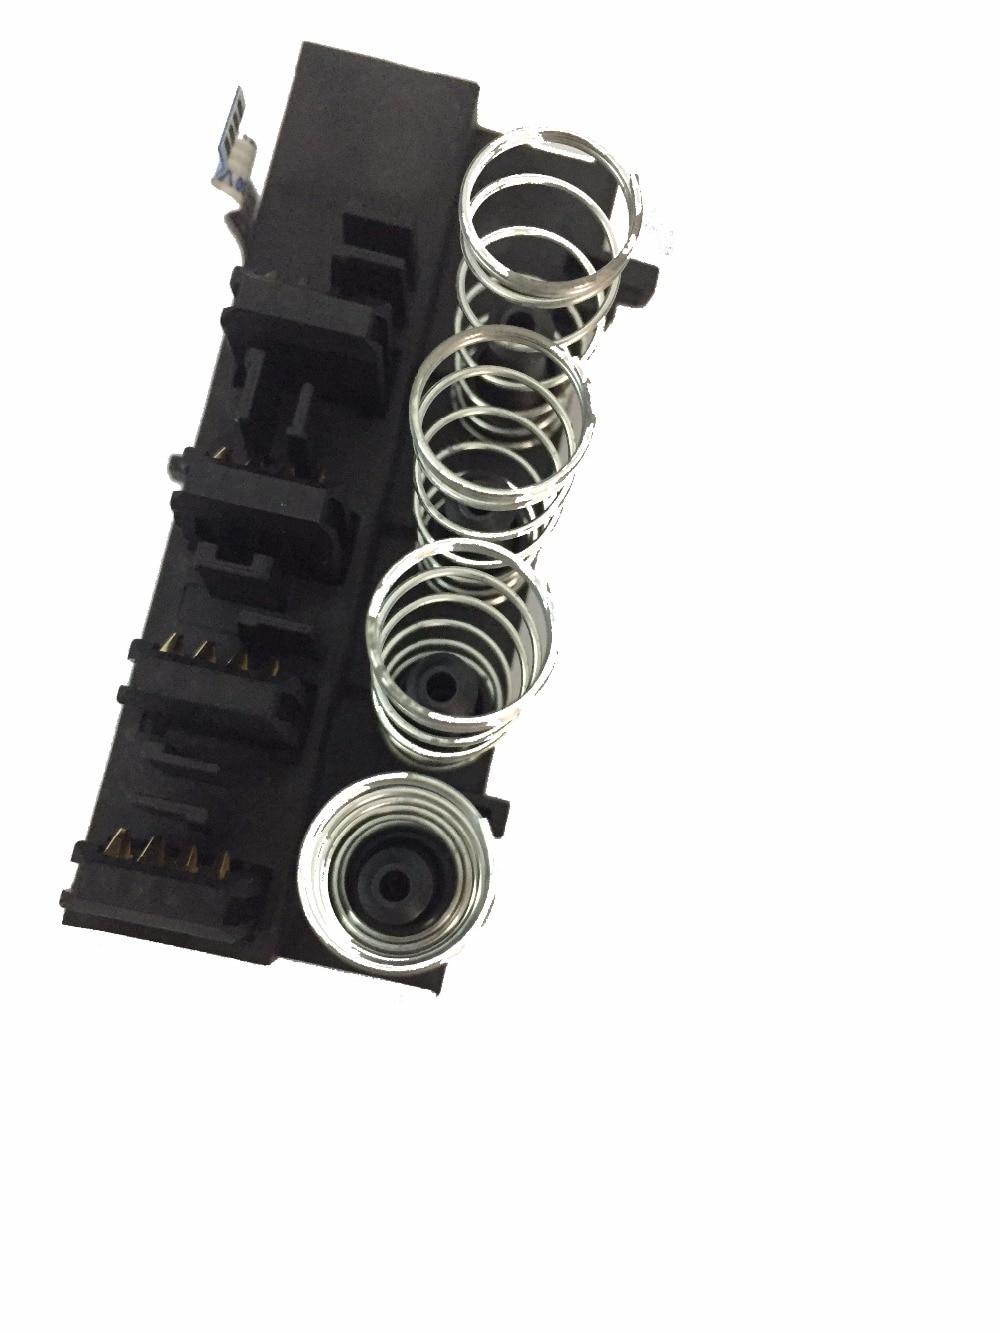 950 951 950XL 951XL Print Head Chip Contactor Sensor For HP 8100 8600 8610 8620 8630